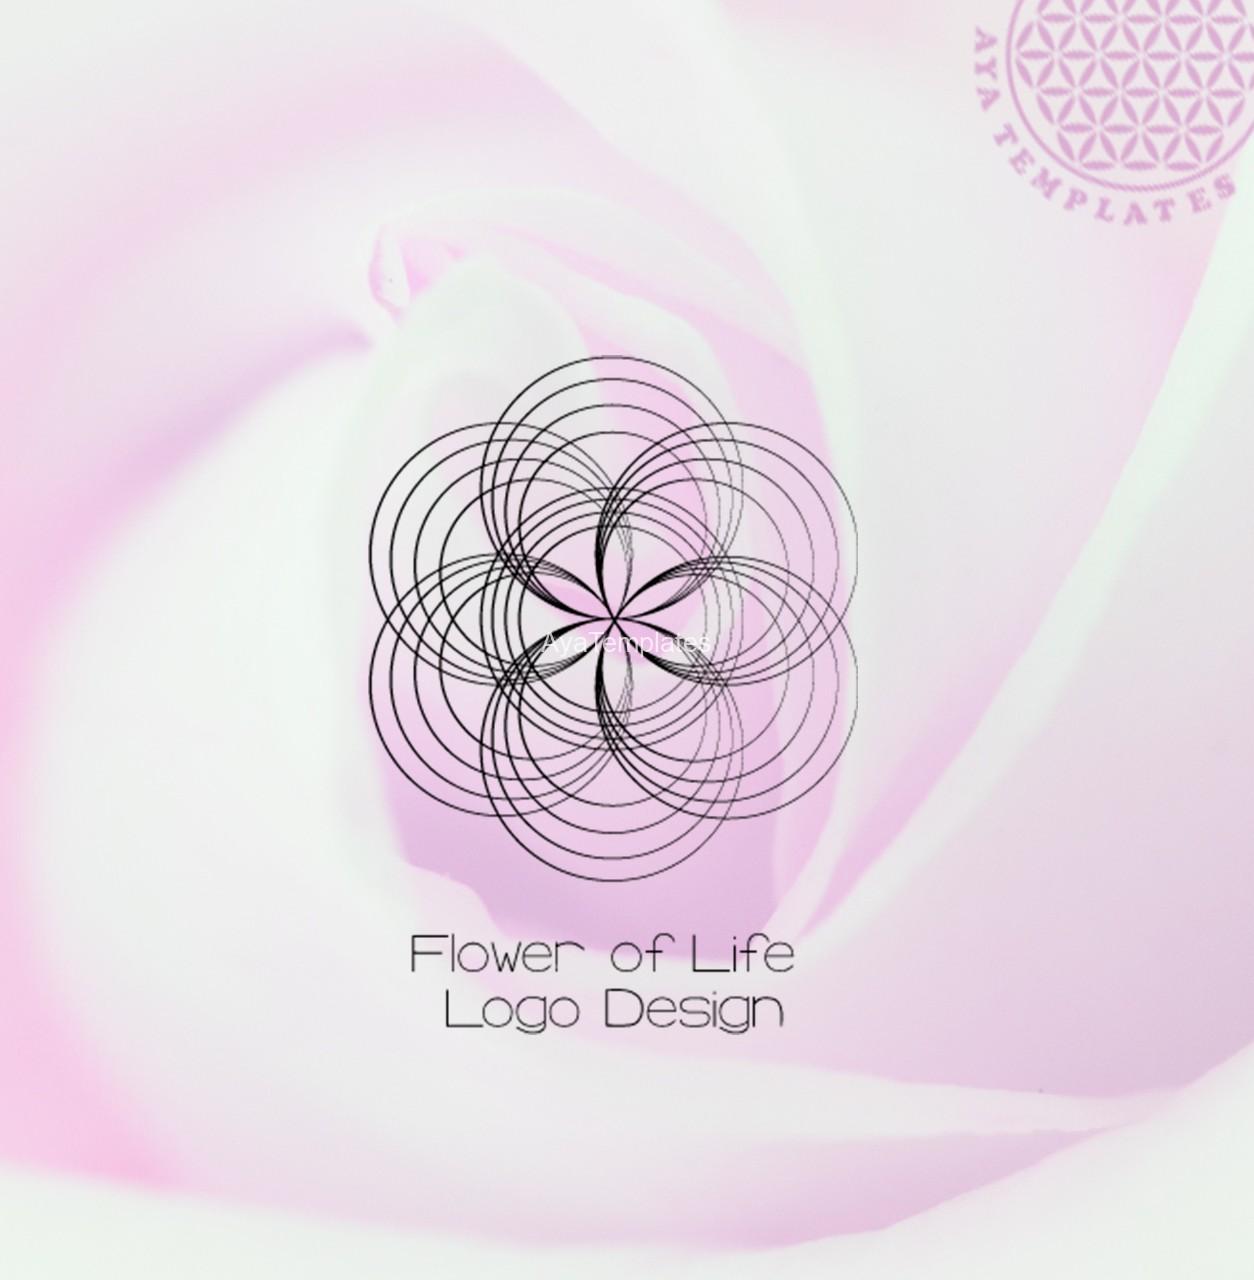 flower of life logo design aya templates. Black Bedroom Furniture Sets. Home Design Ideas